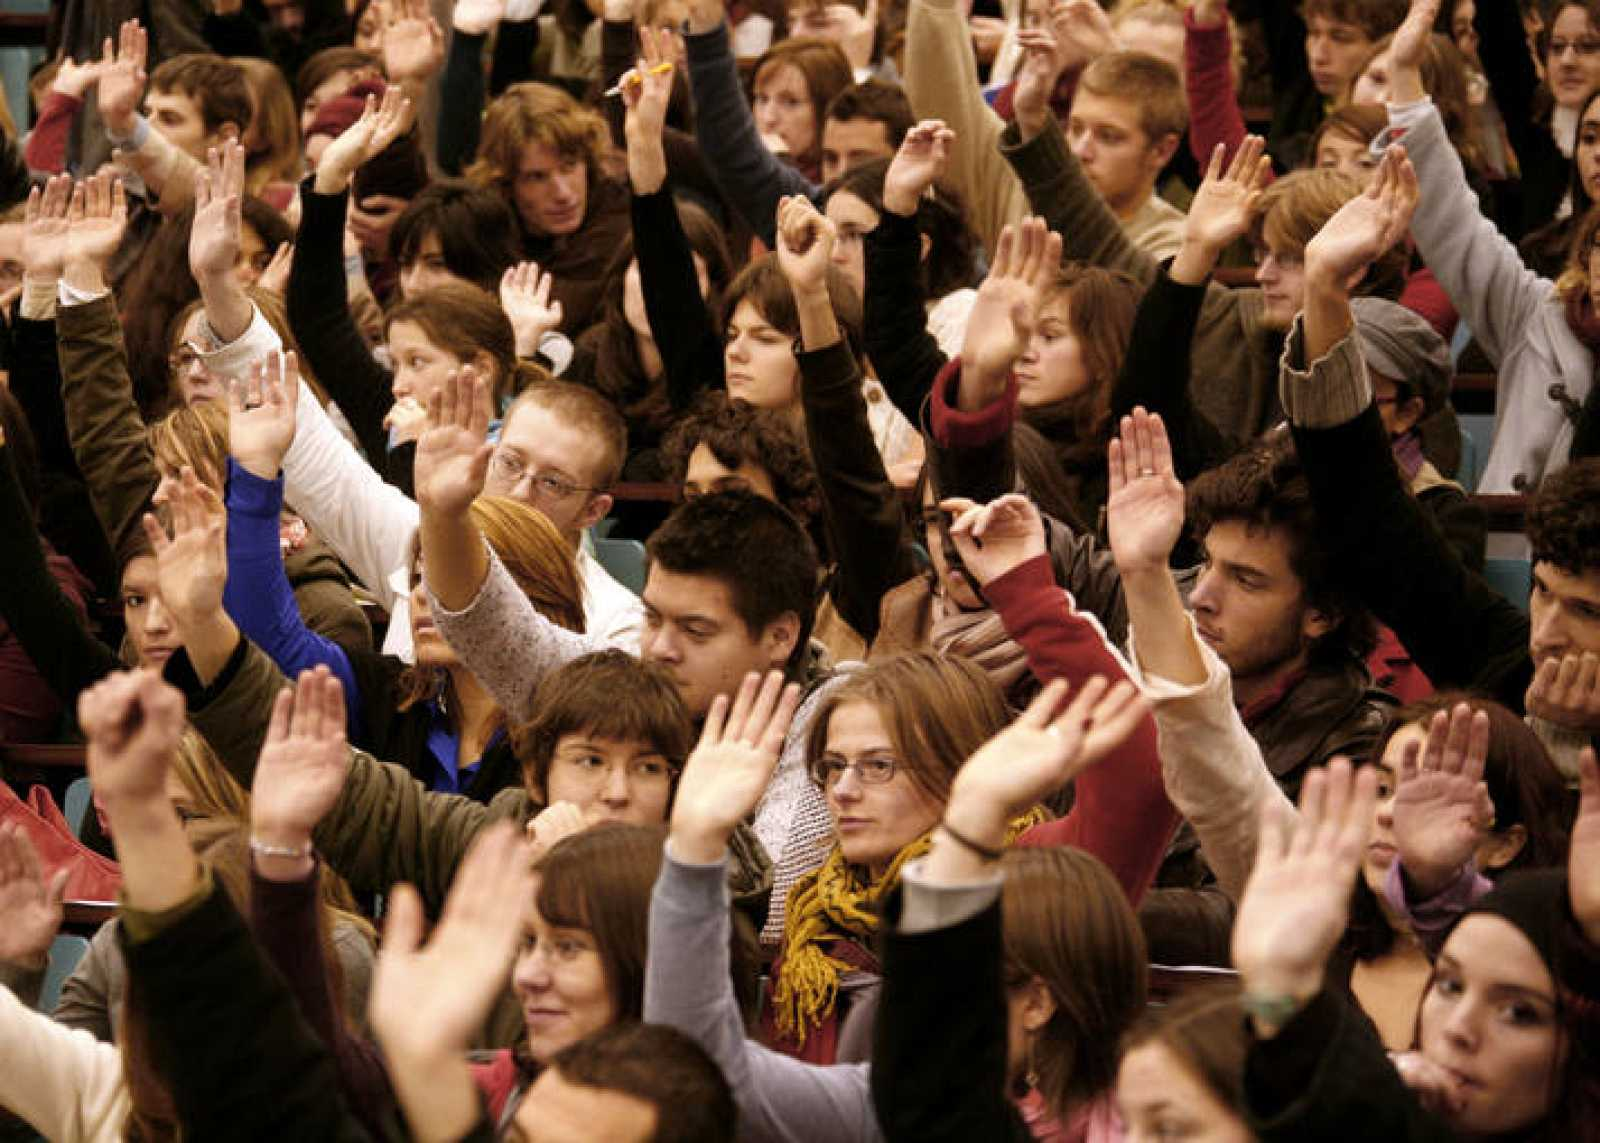 Una asamblea de estudiantes universitarios.